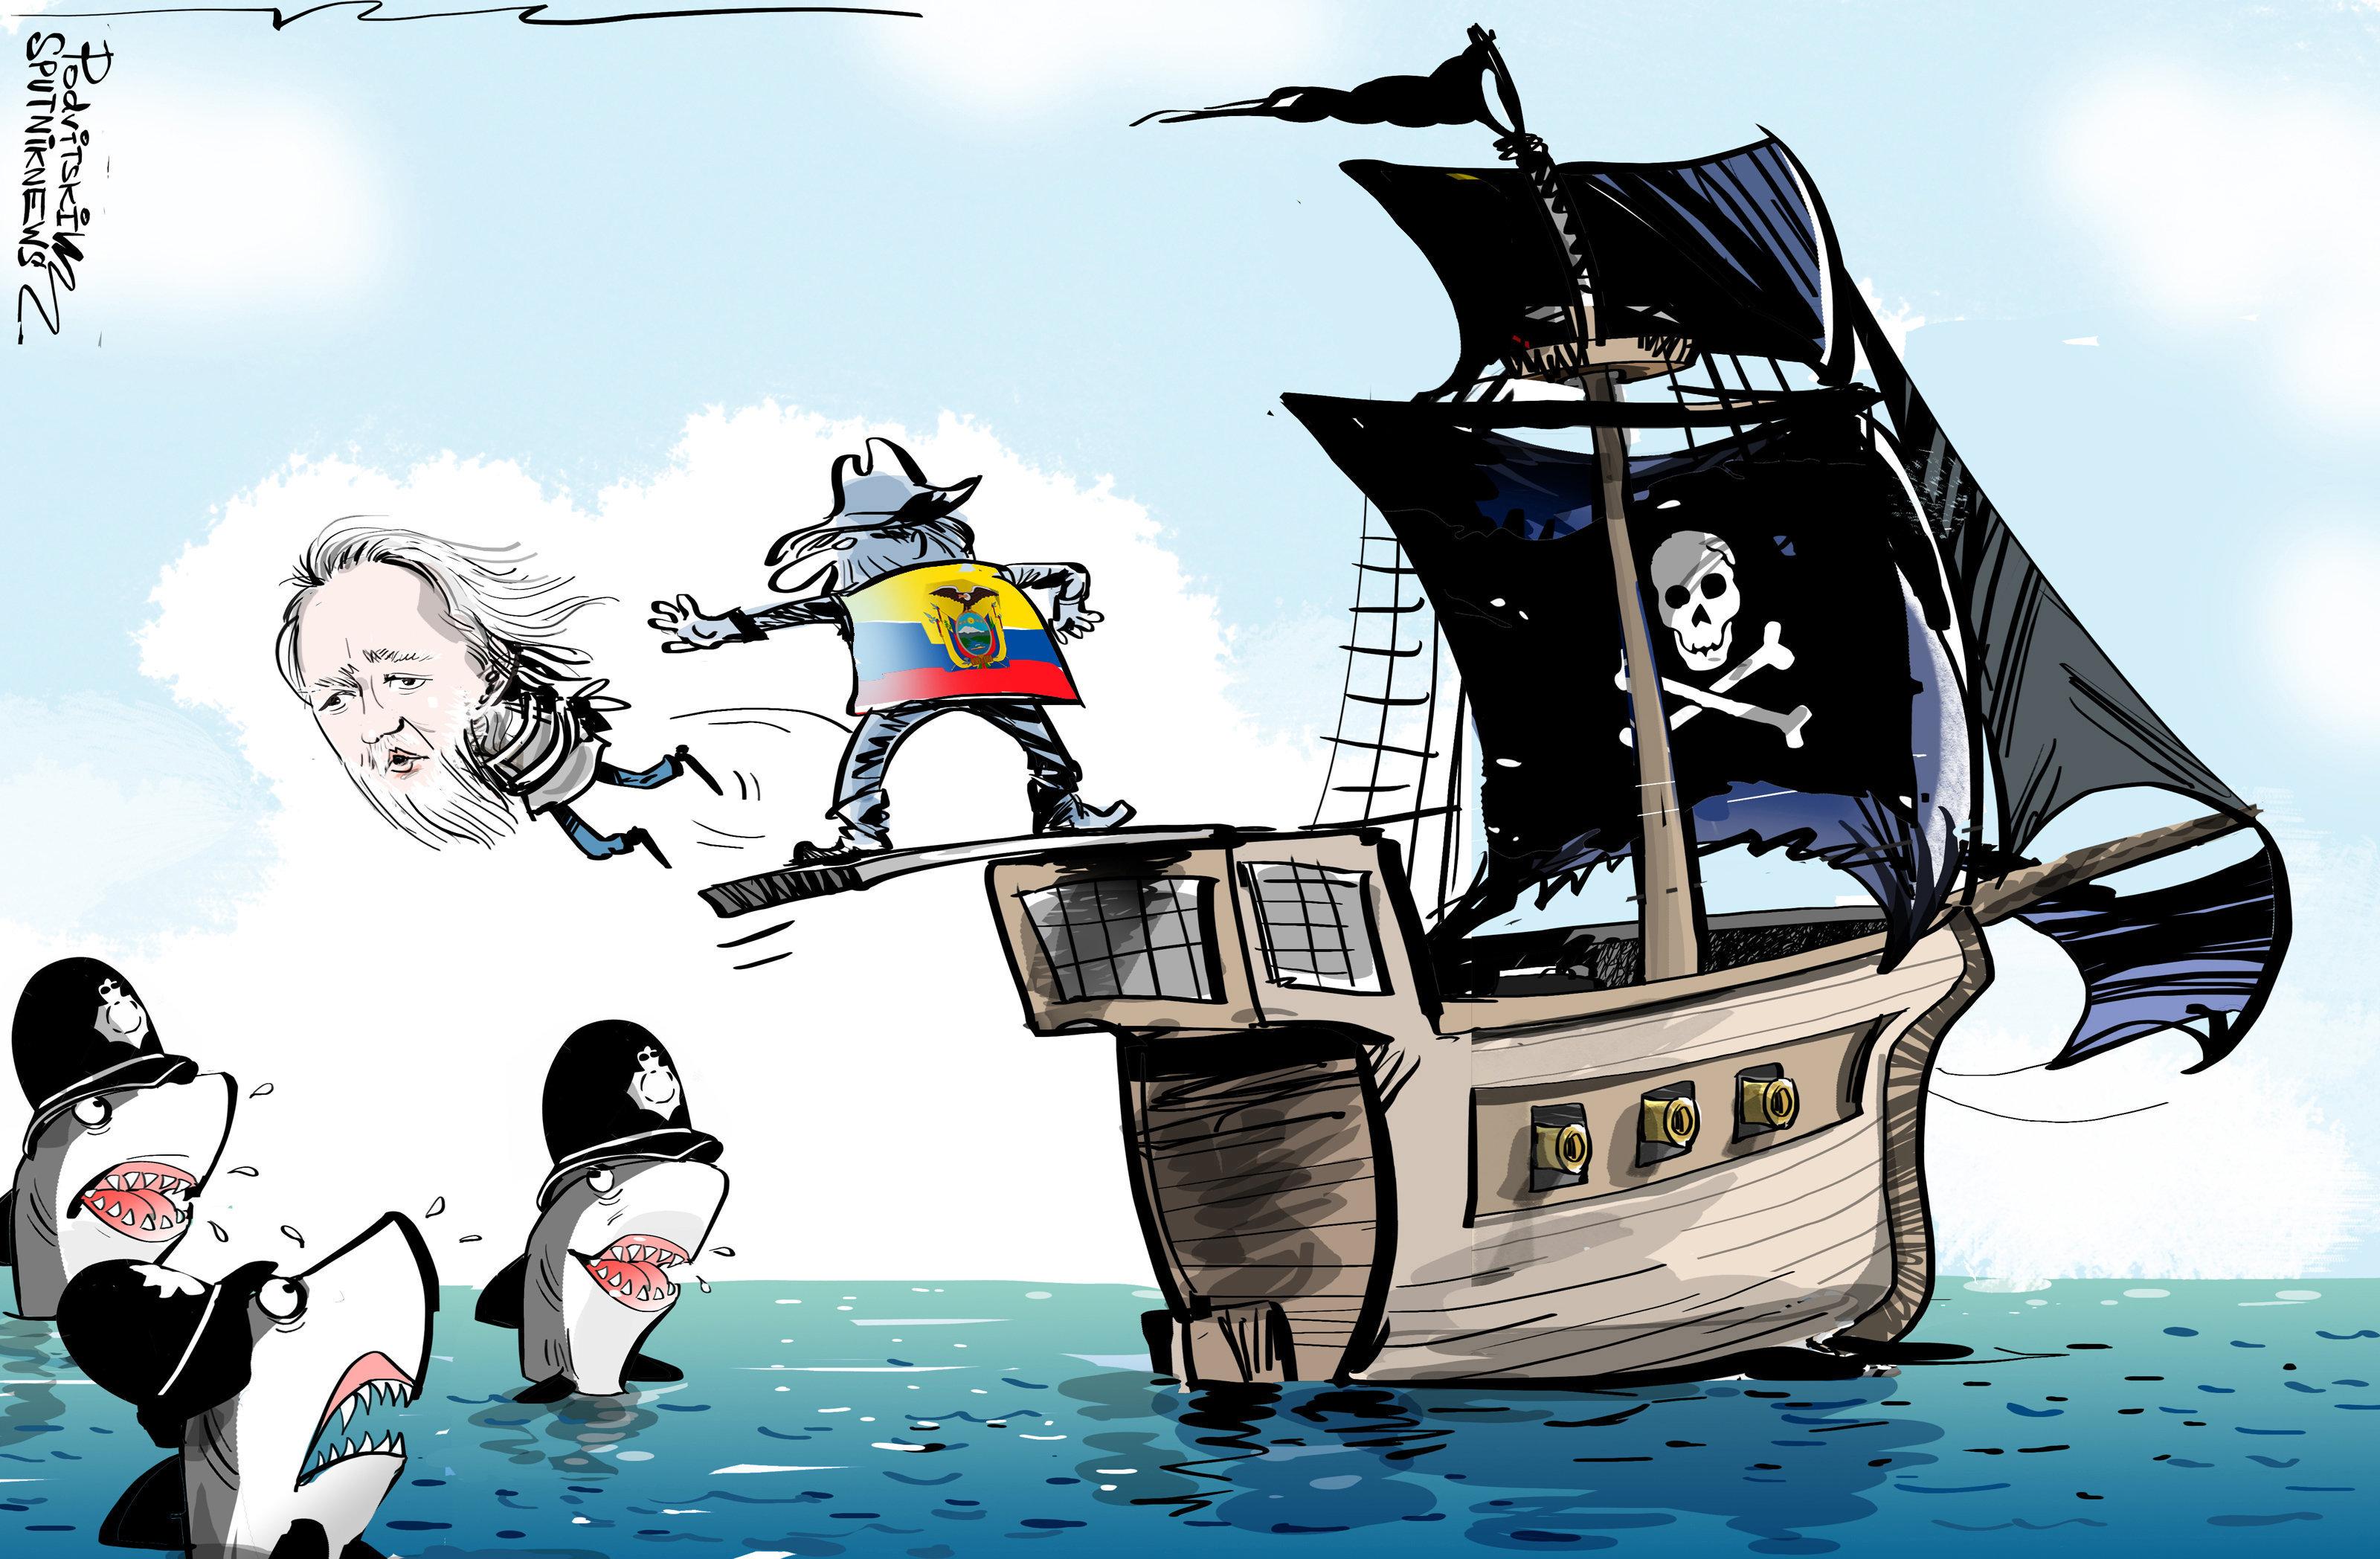 Julian Assange a été arrêté ce 11 avril dans l'ambassade d'Équateur à Londres